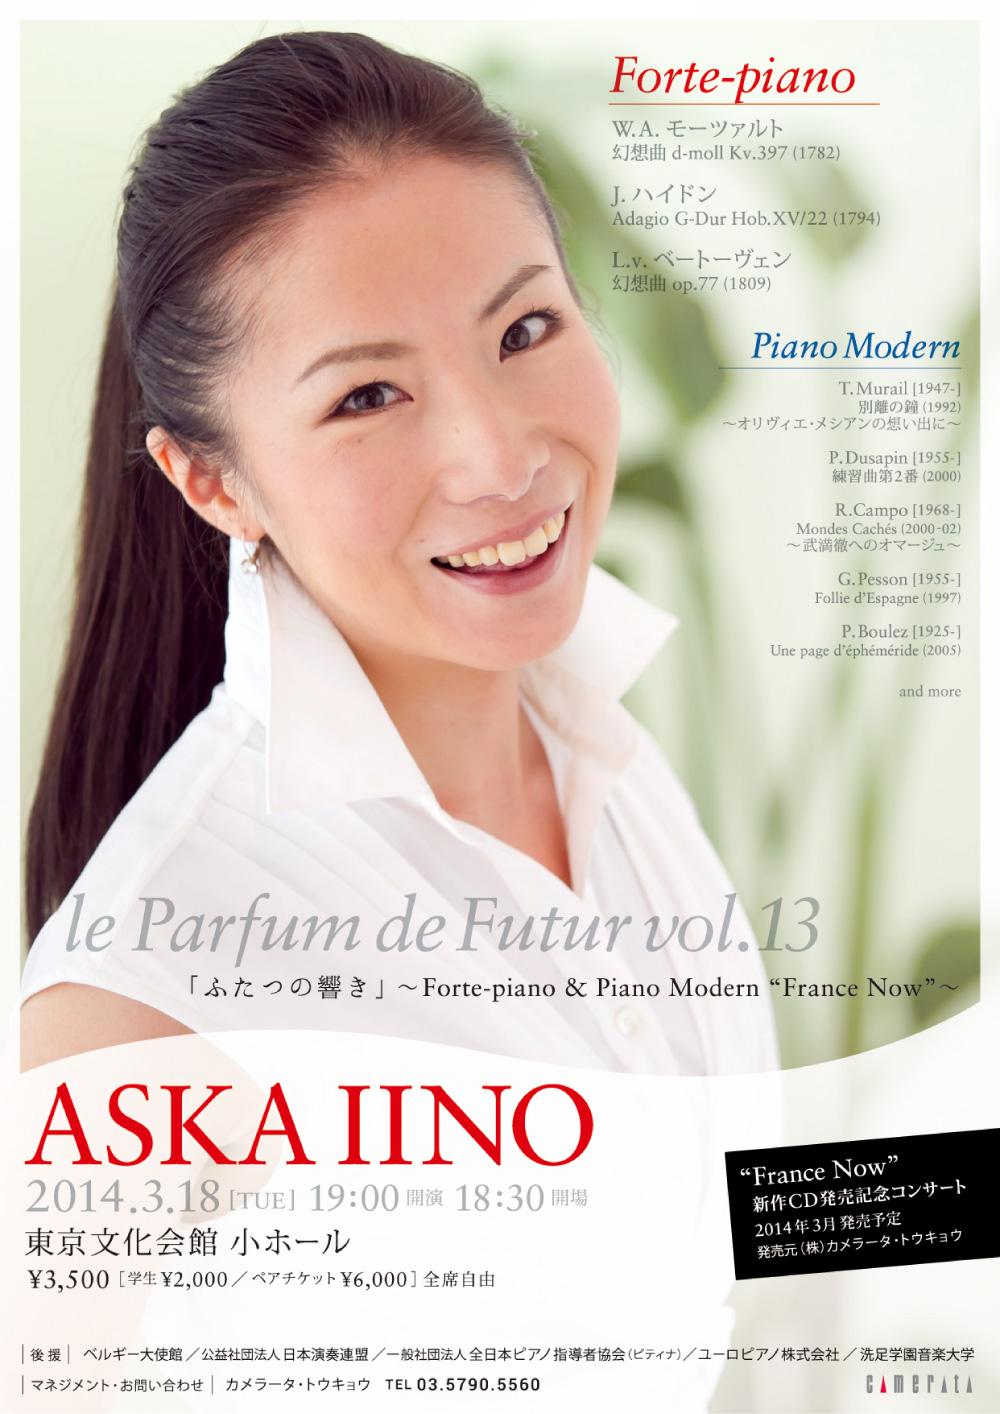 le Parfum de Futur vol.13「ふたつ響き」